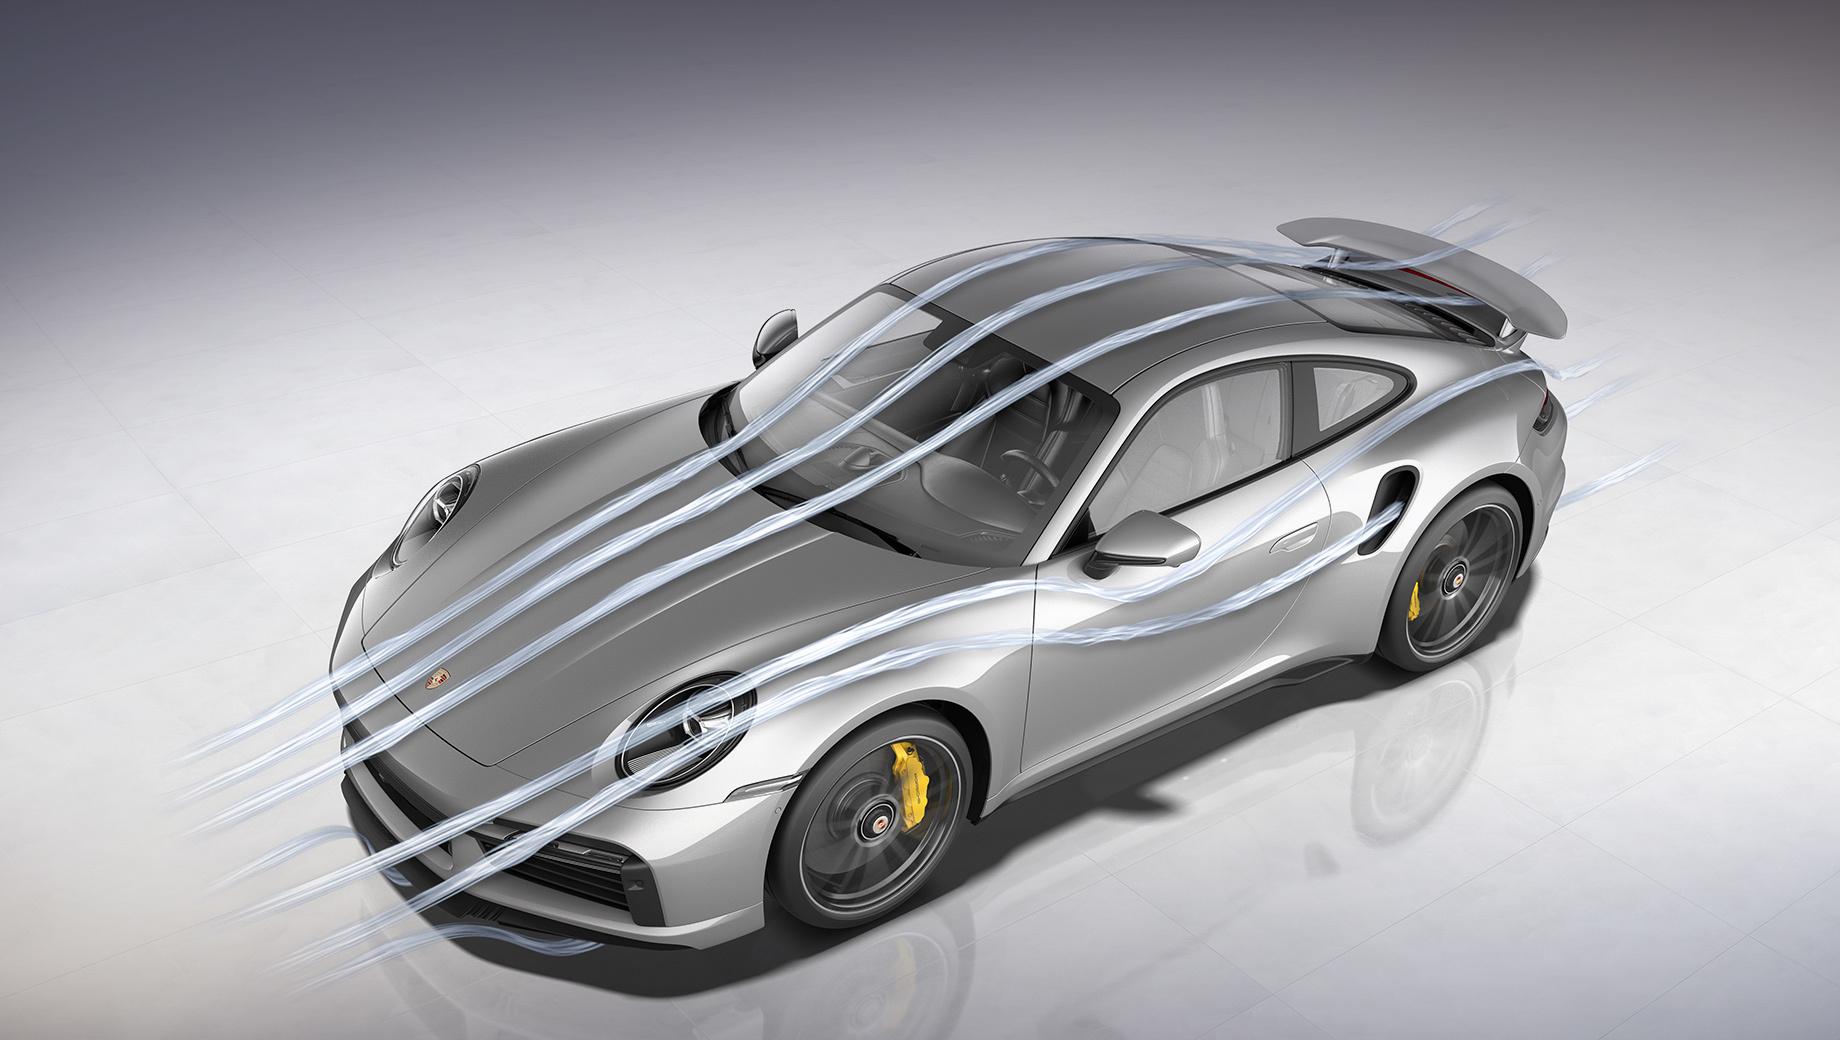 Раскрыты секреты аэродинамики купе Porsche 911 Turbo S